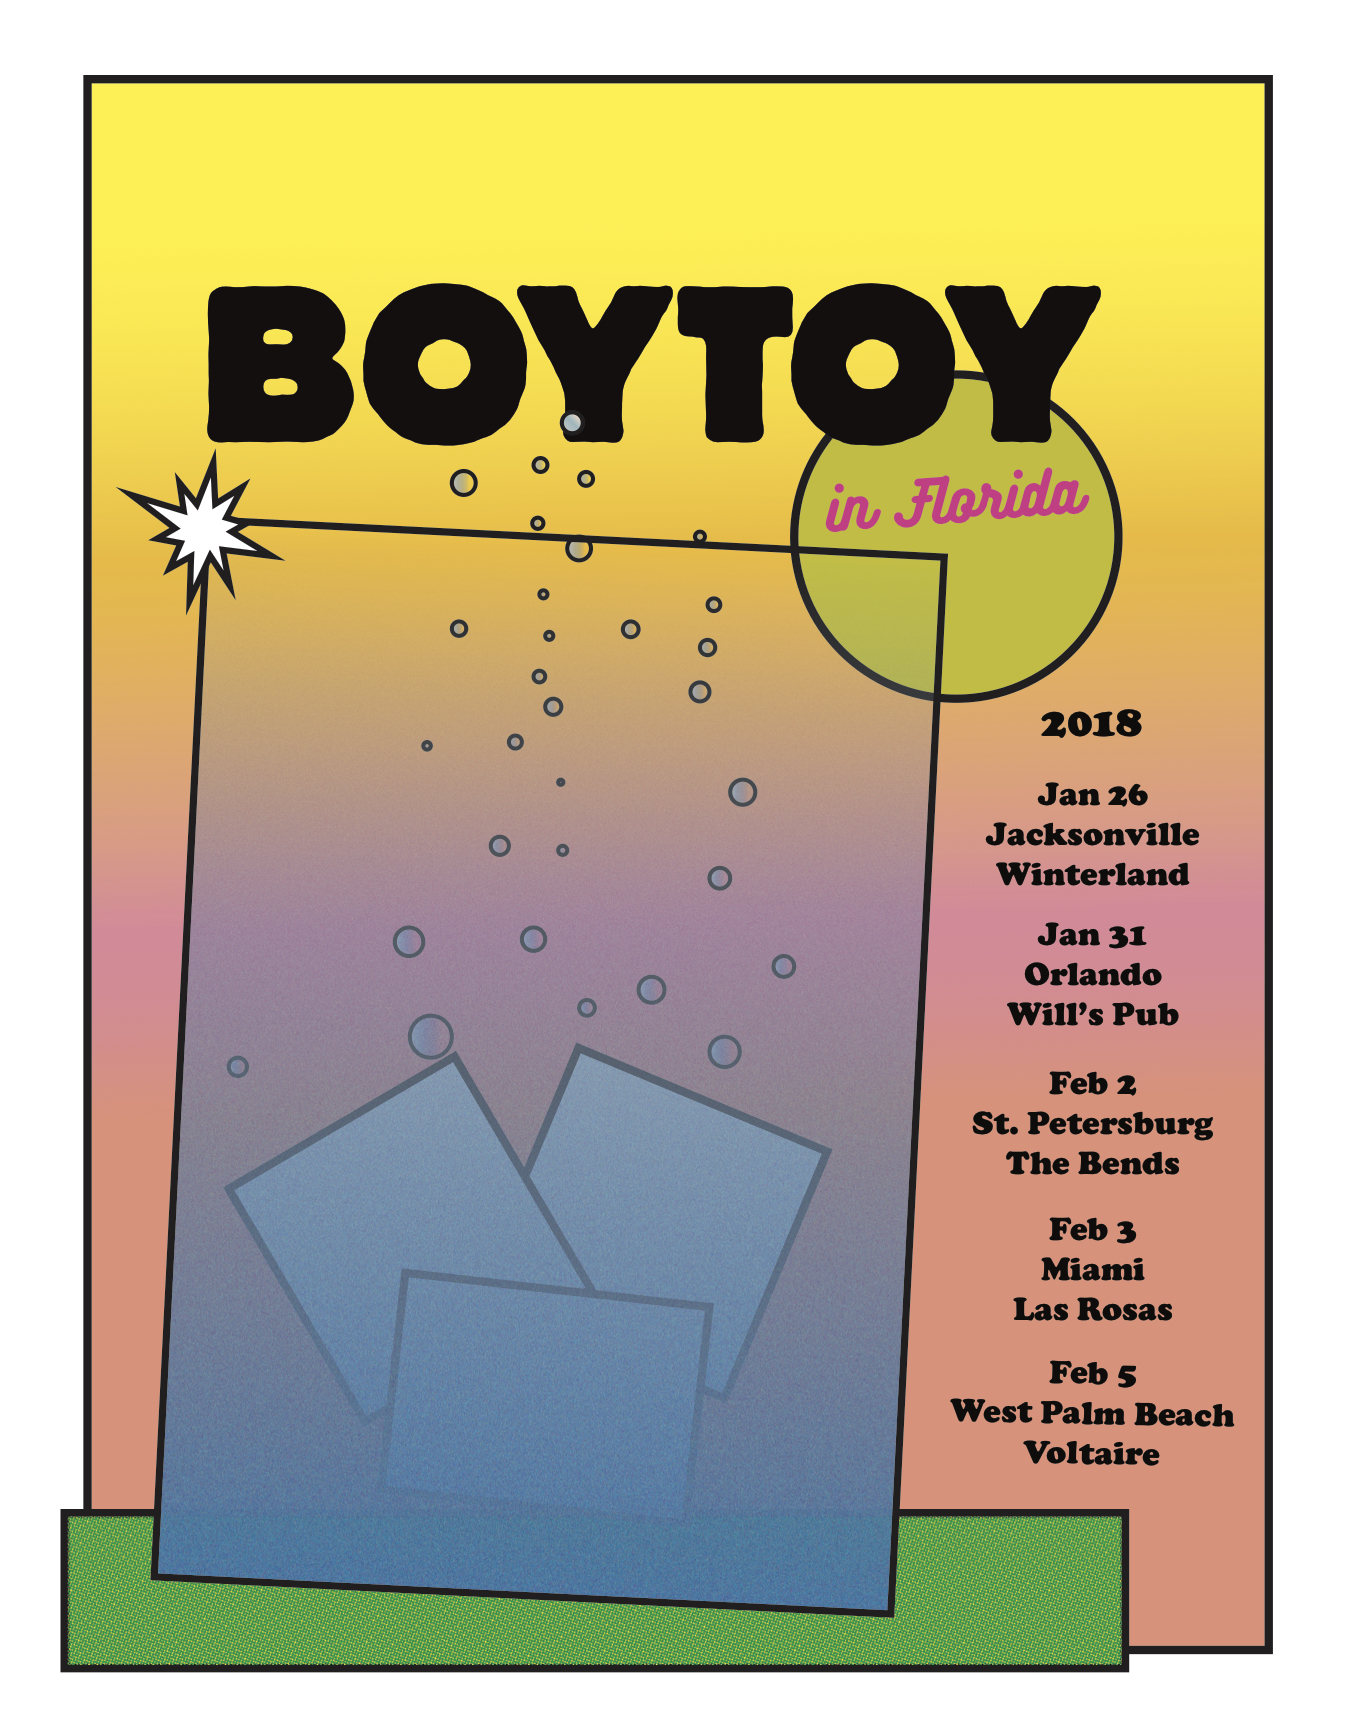 BOYTOY Florida tour poster